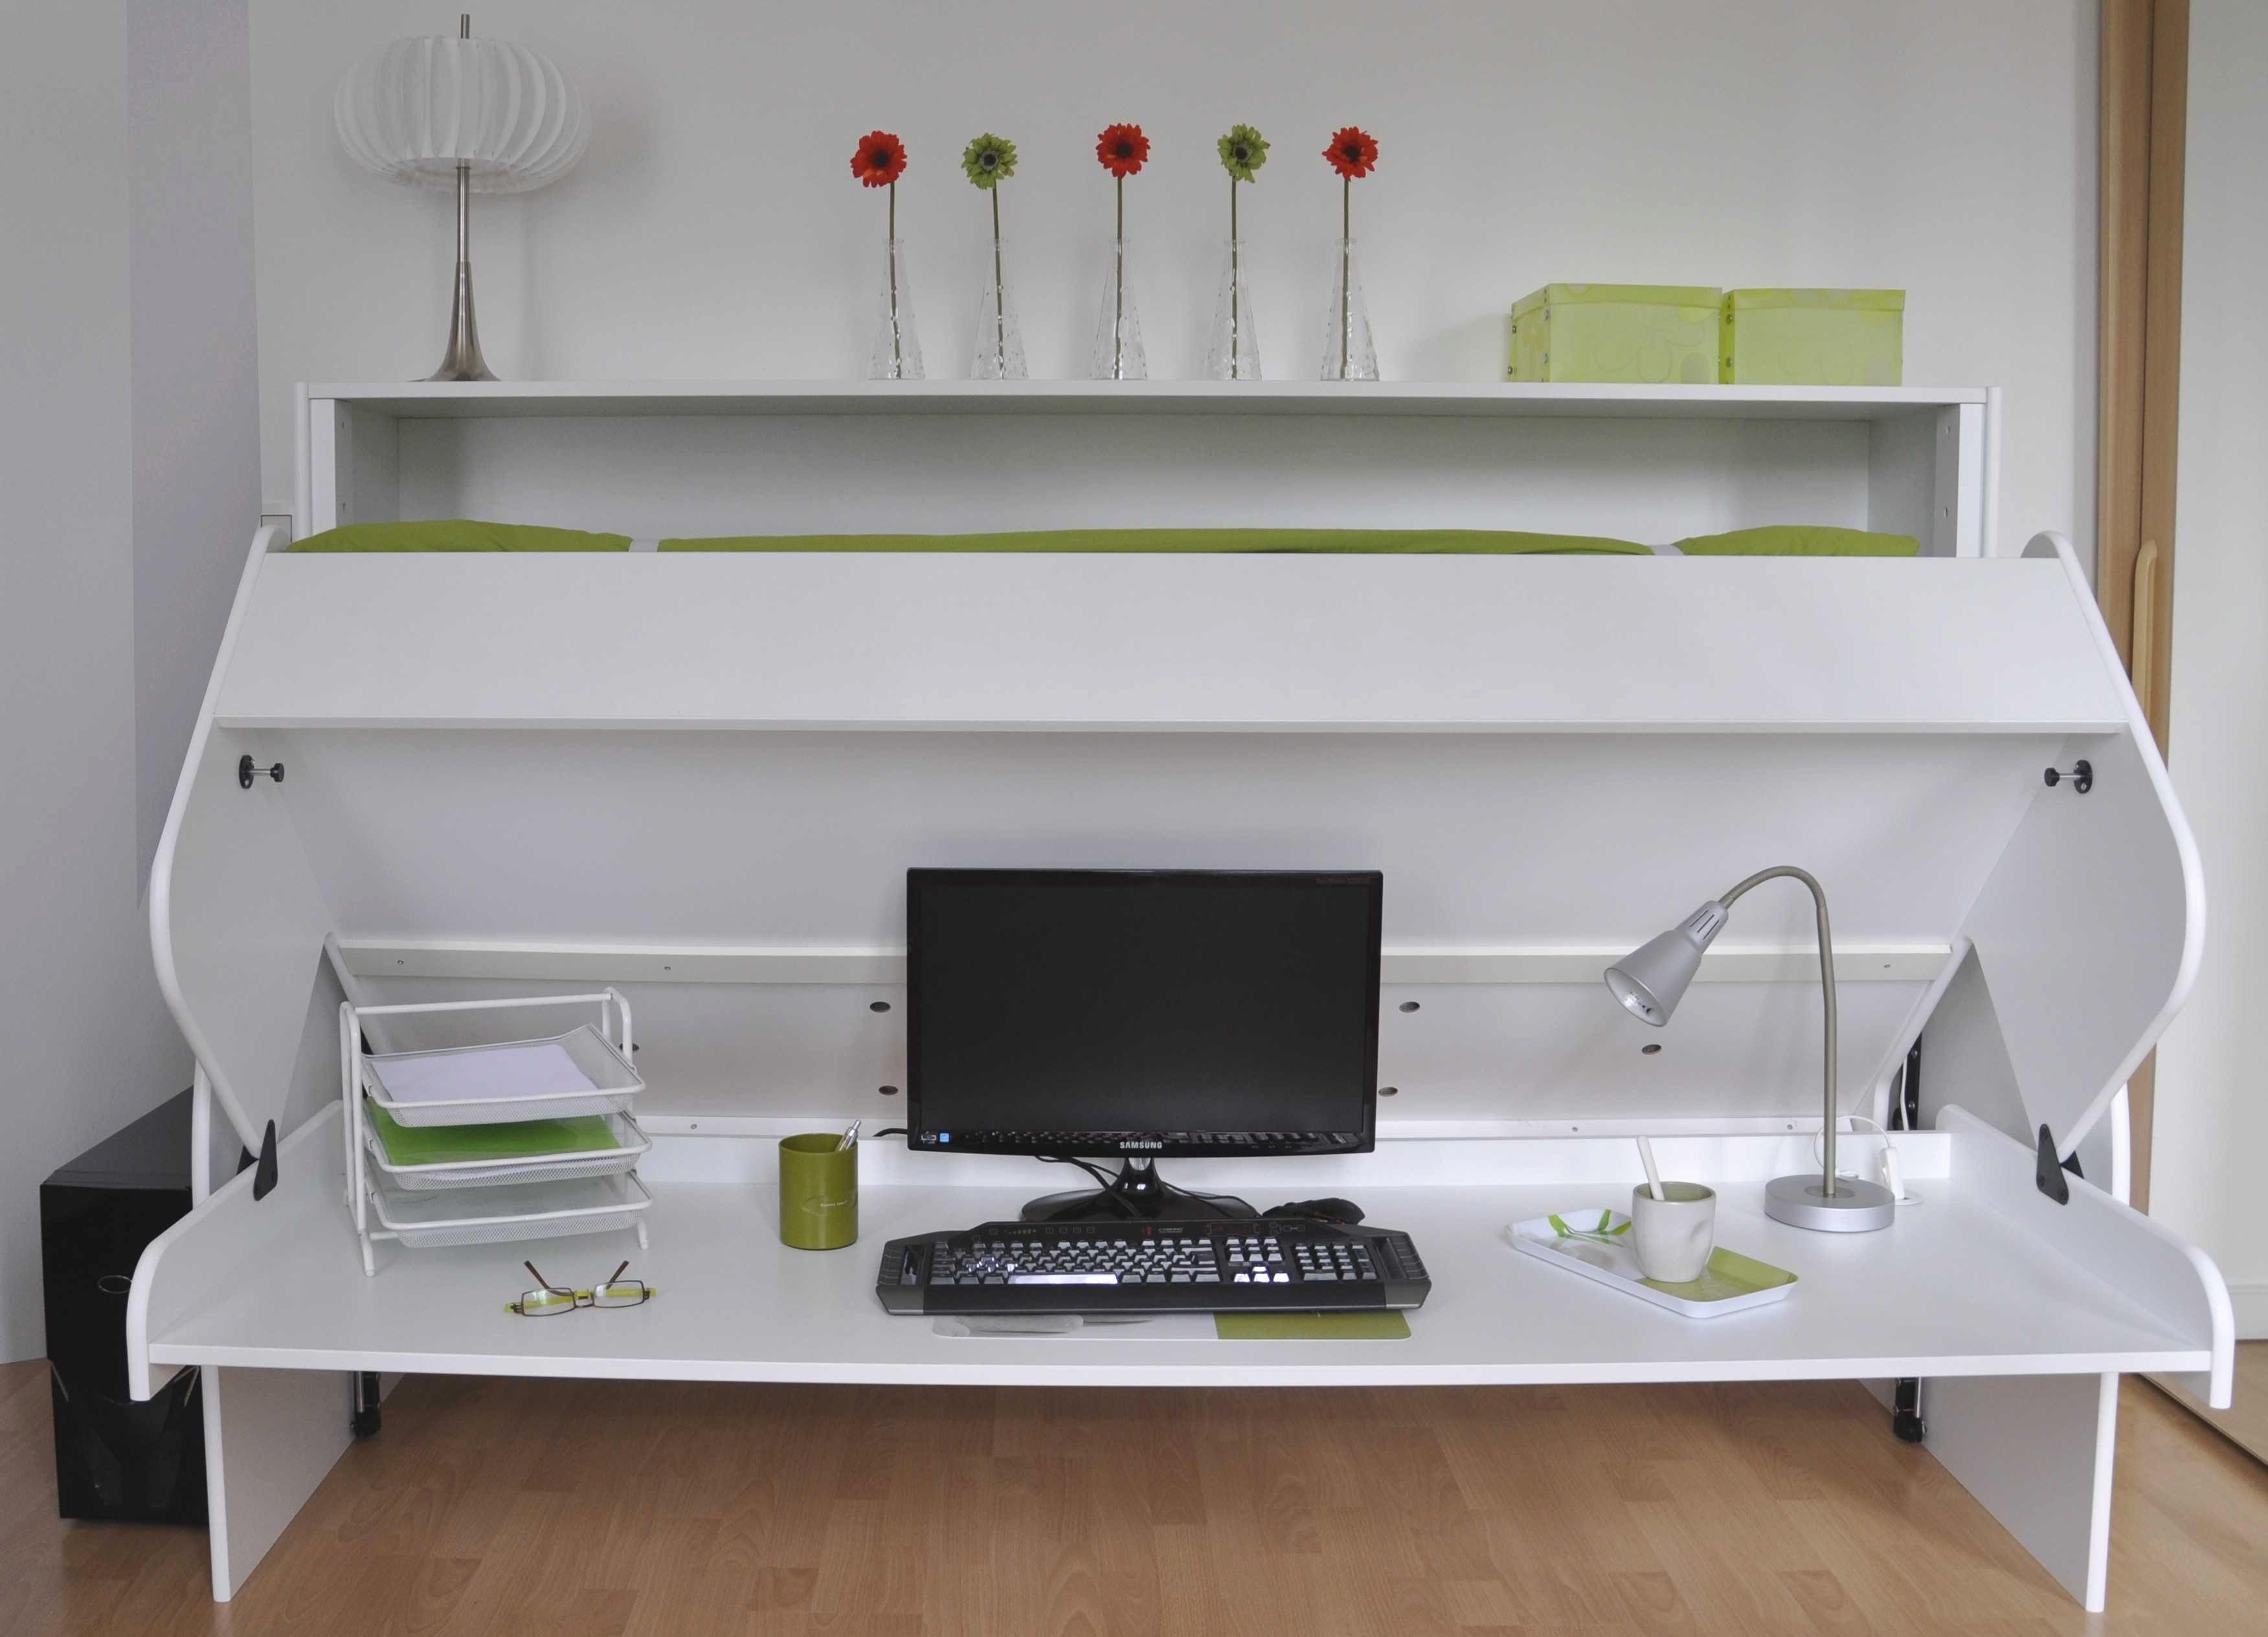 Lit Superposé Avec Bureau Intégré Nouveau Lit Superposé Adulte Luxe Cuisine Pour Bébé Lovely Lit Ikea Bebe 12